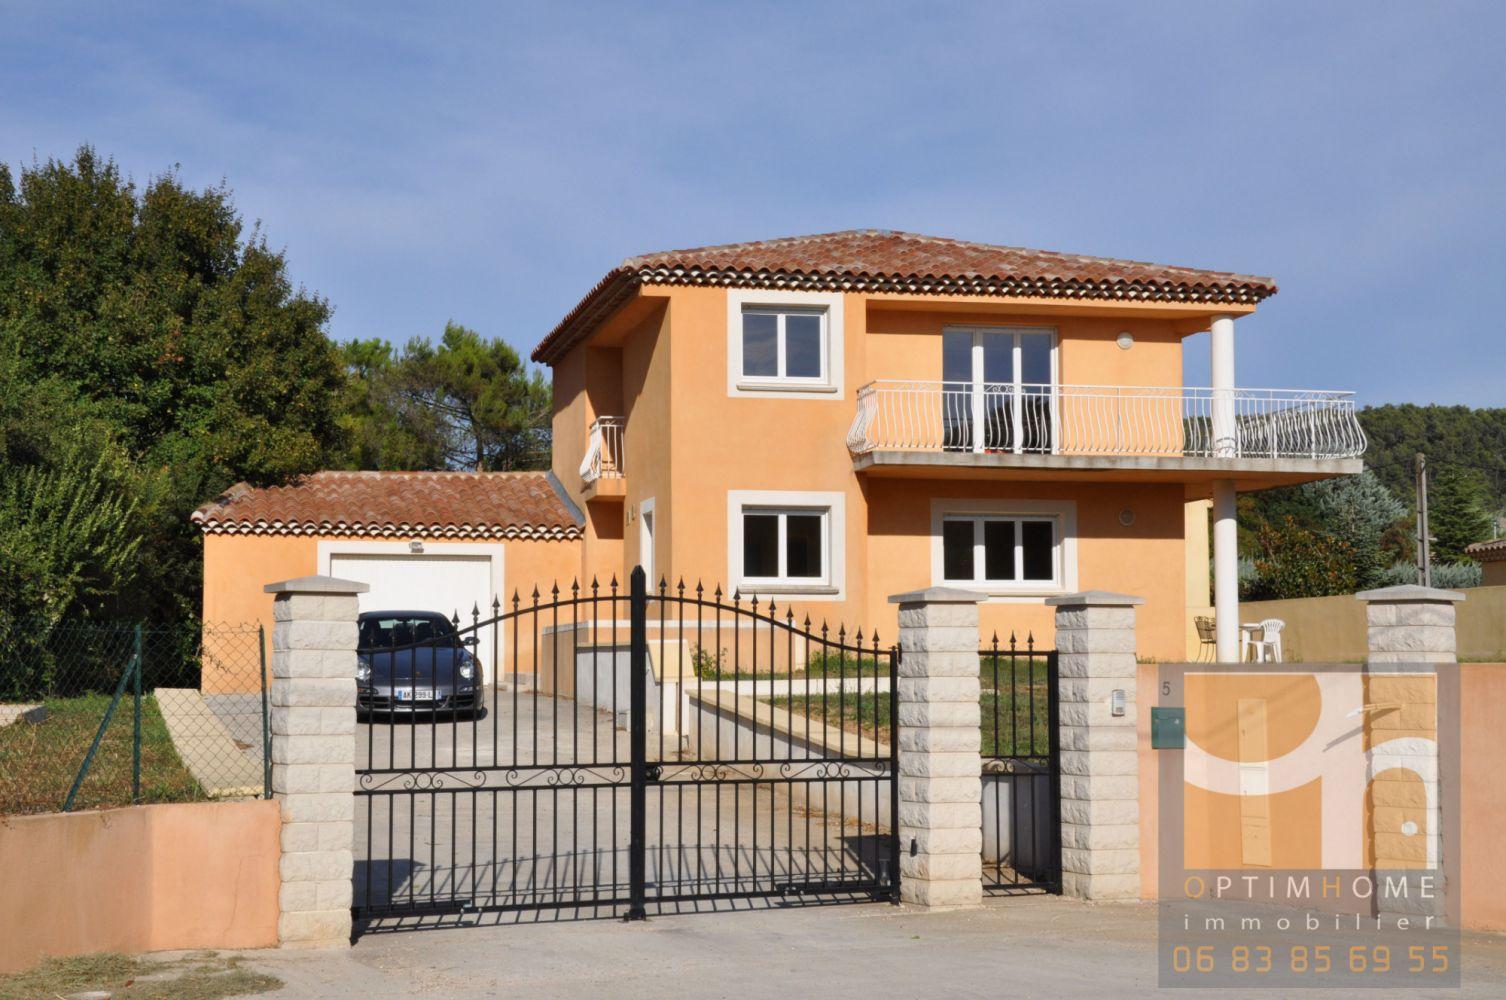 Maison de Type 5, 125 m² sur 880 m² de terrain au calme